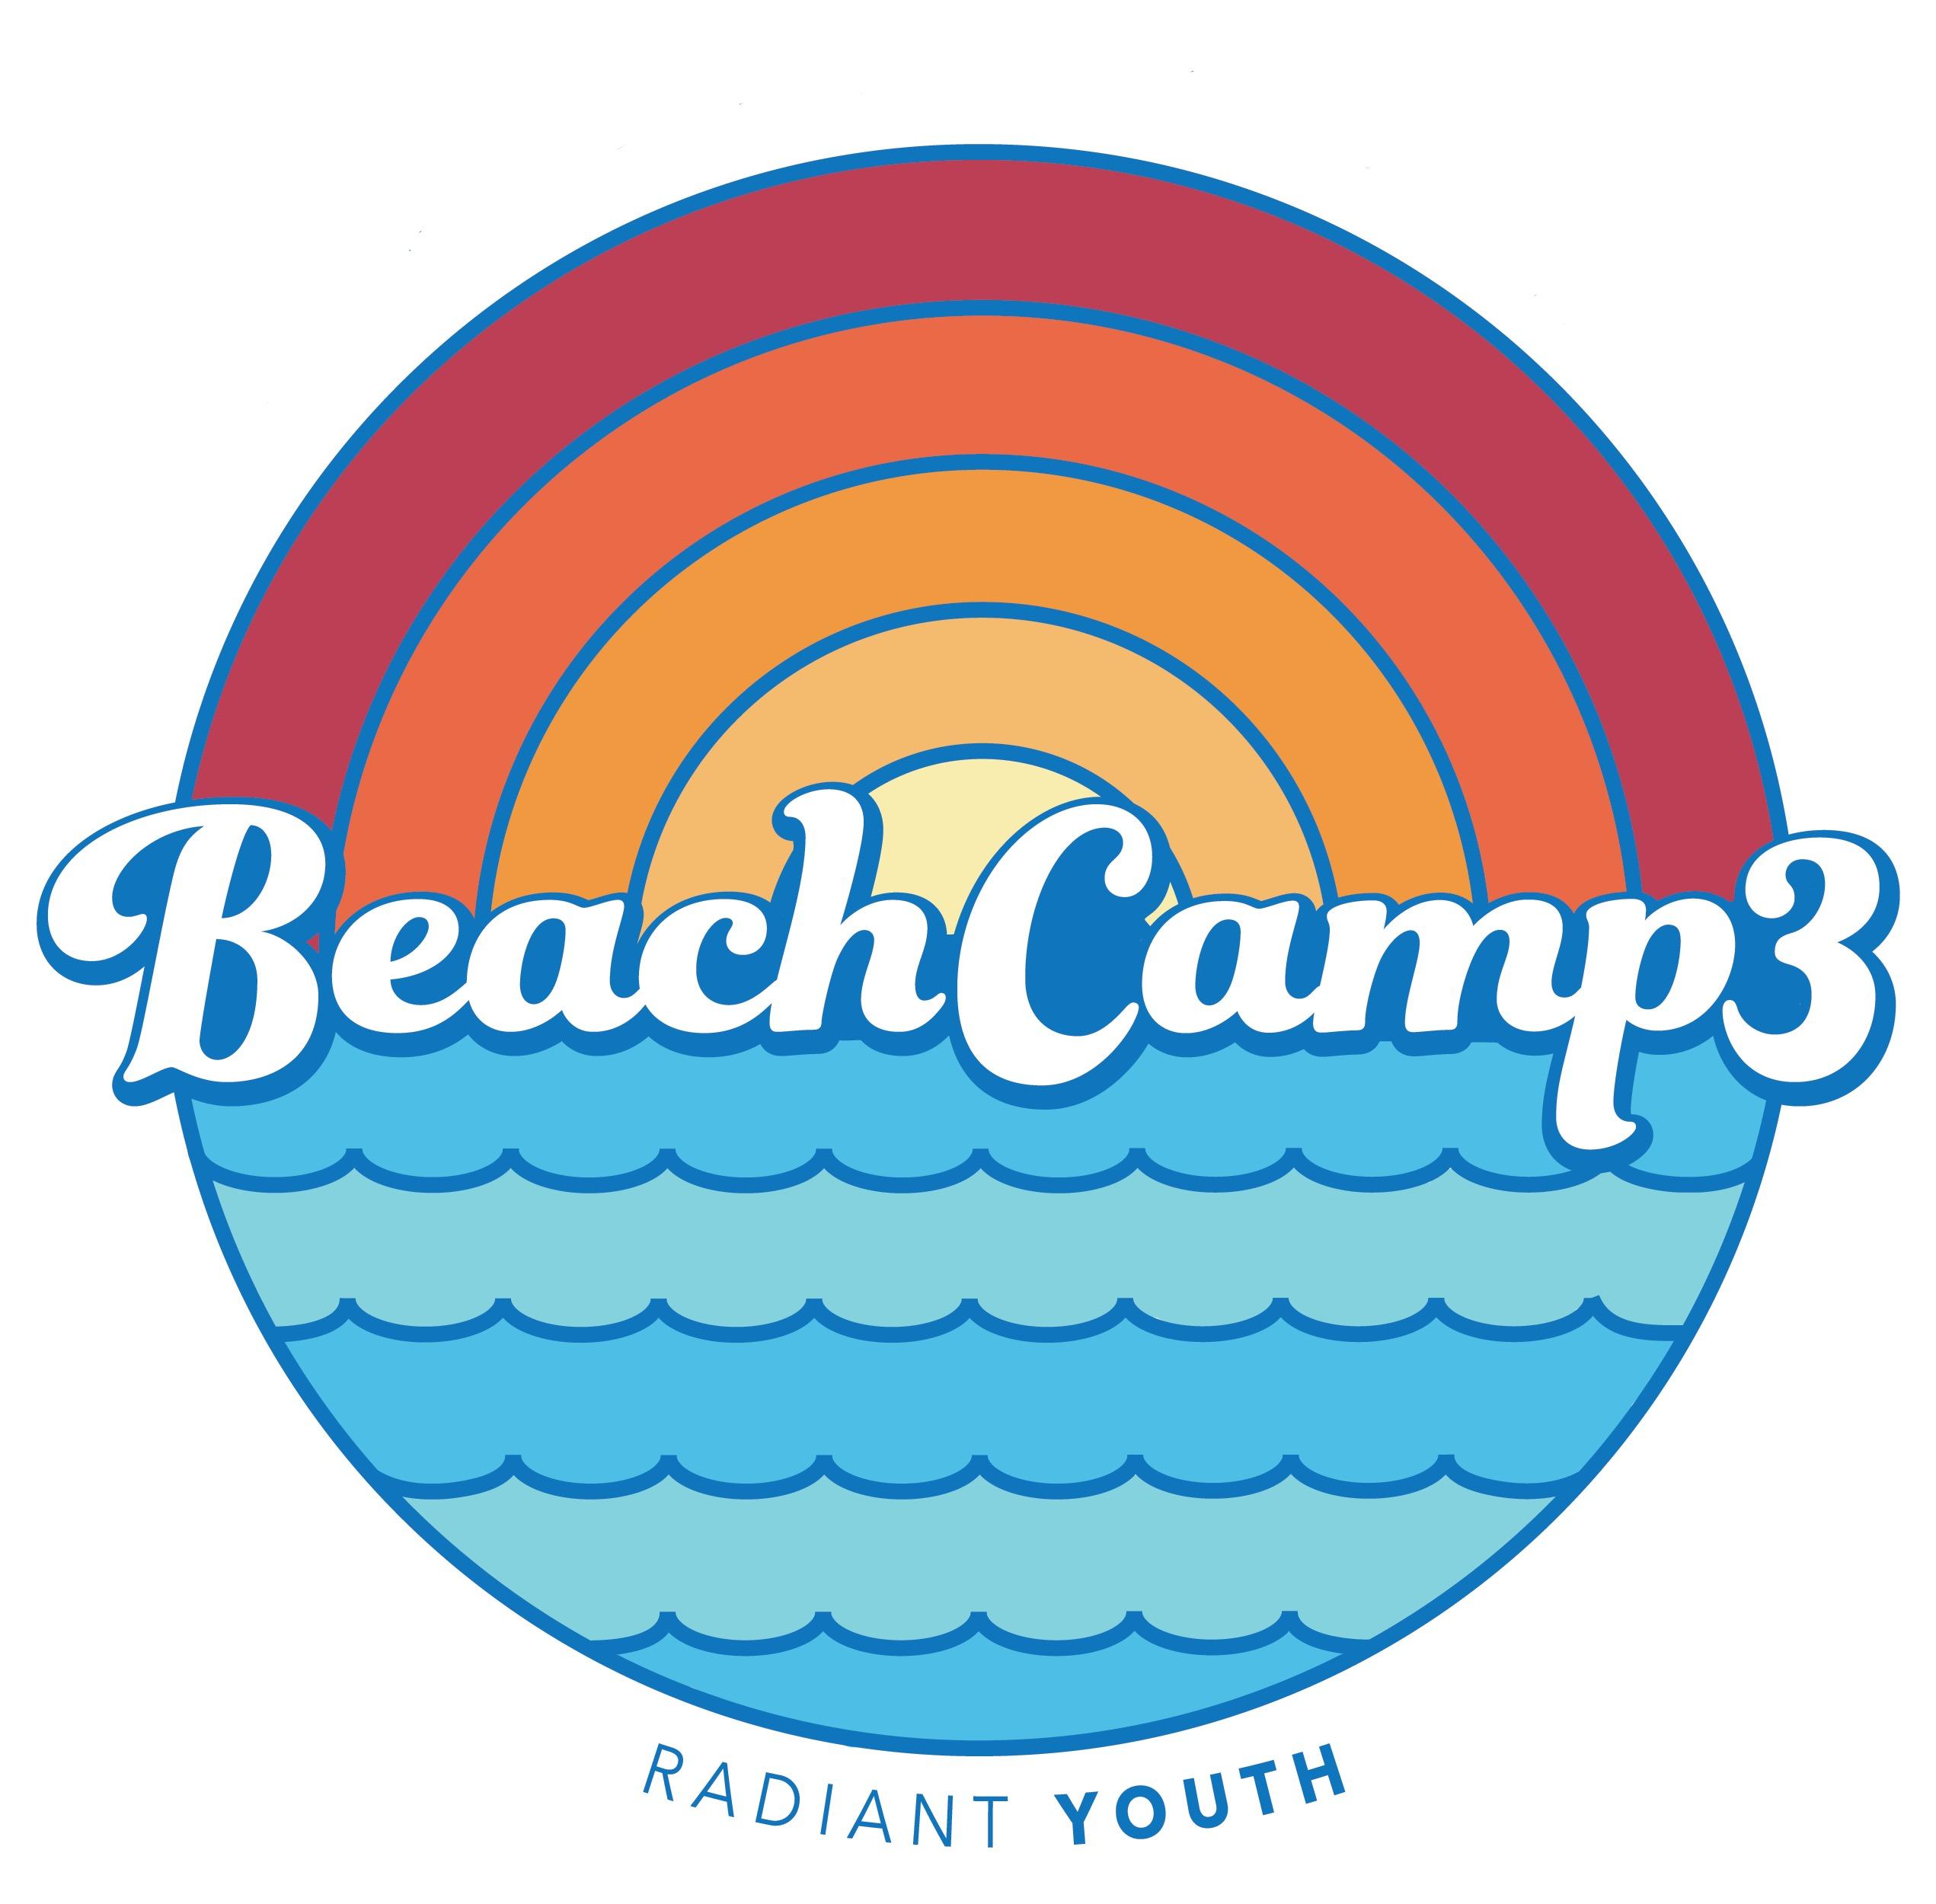 Beachcamp3sticker